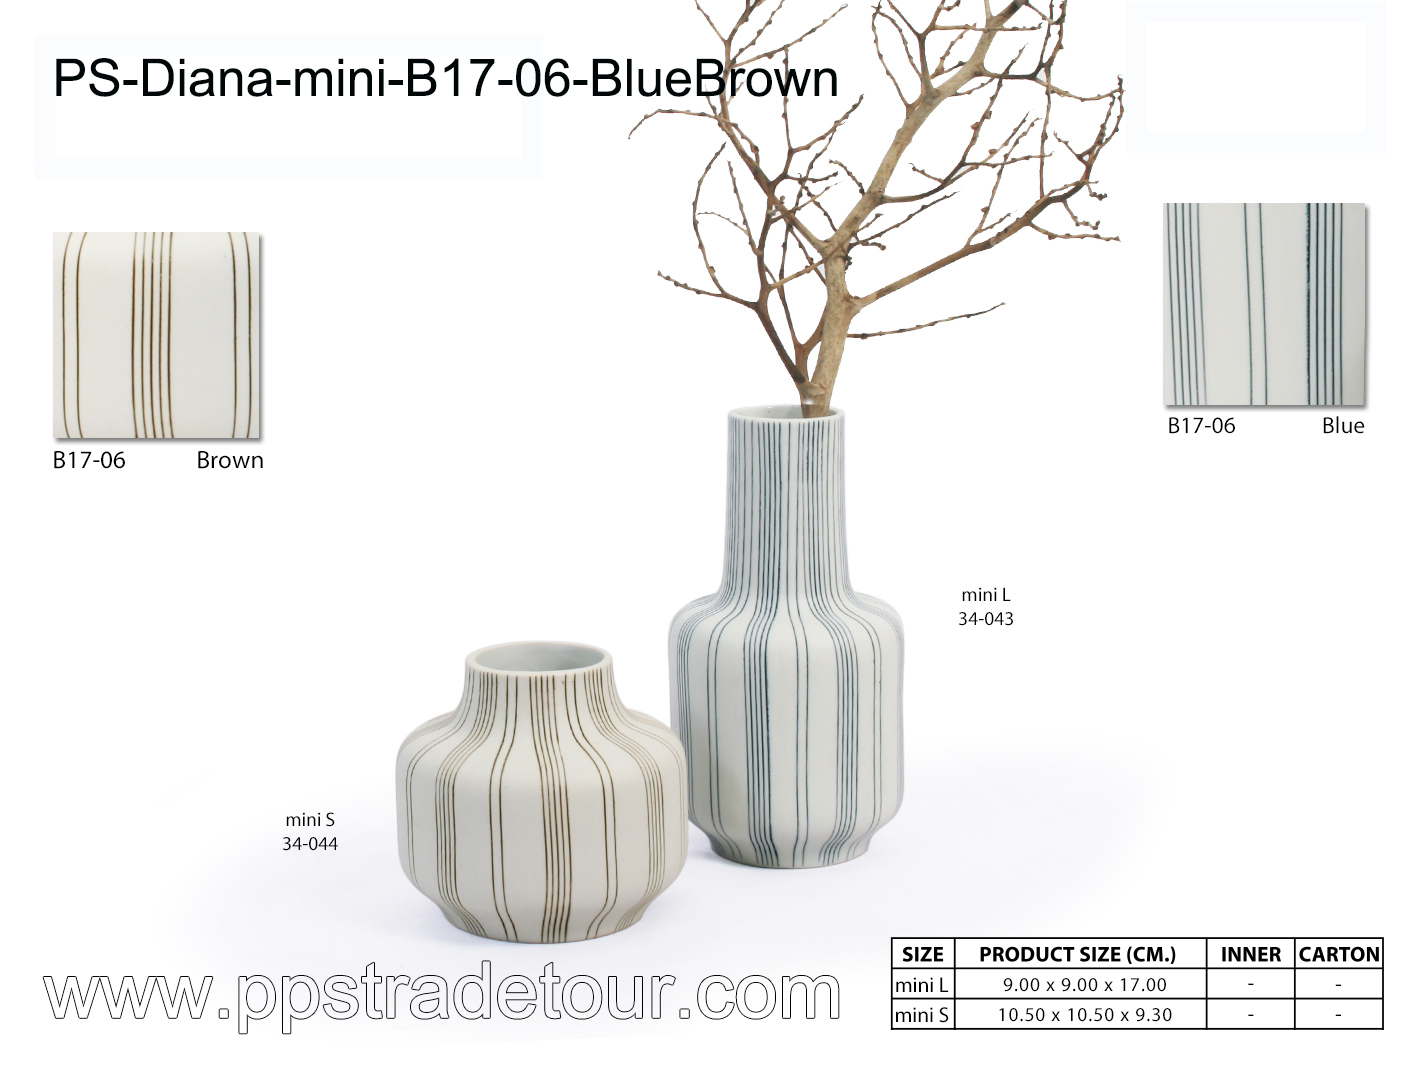 PSCV-Diana-mini-B17-06-BlueBrown